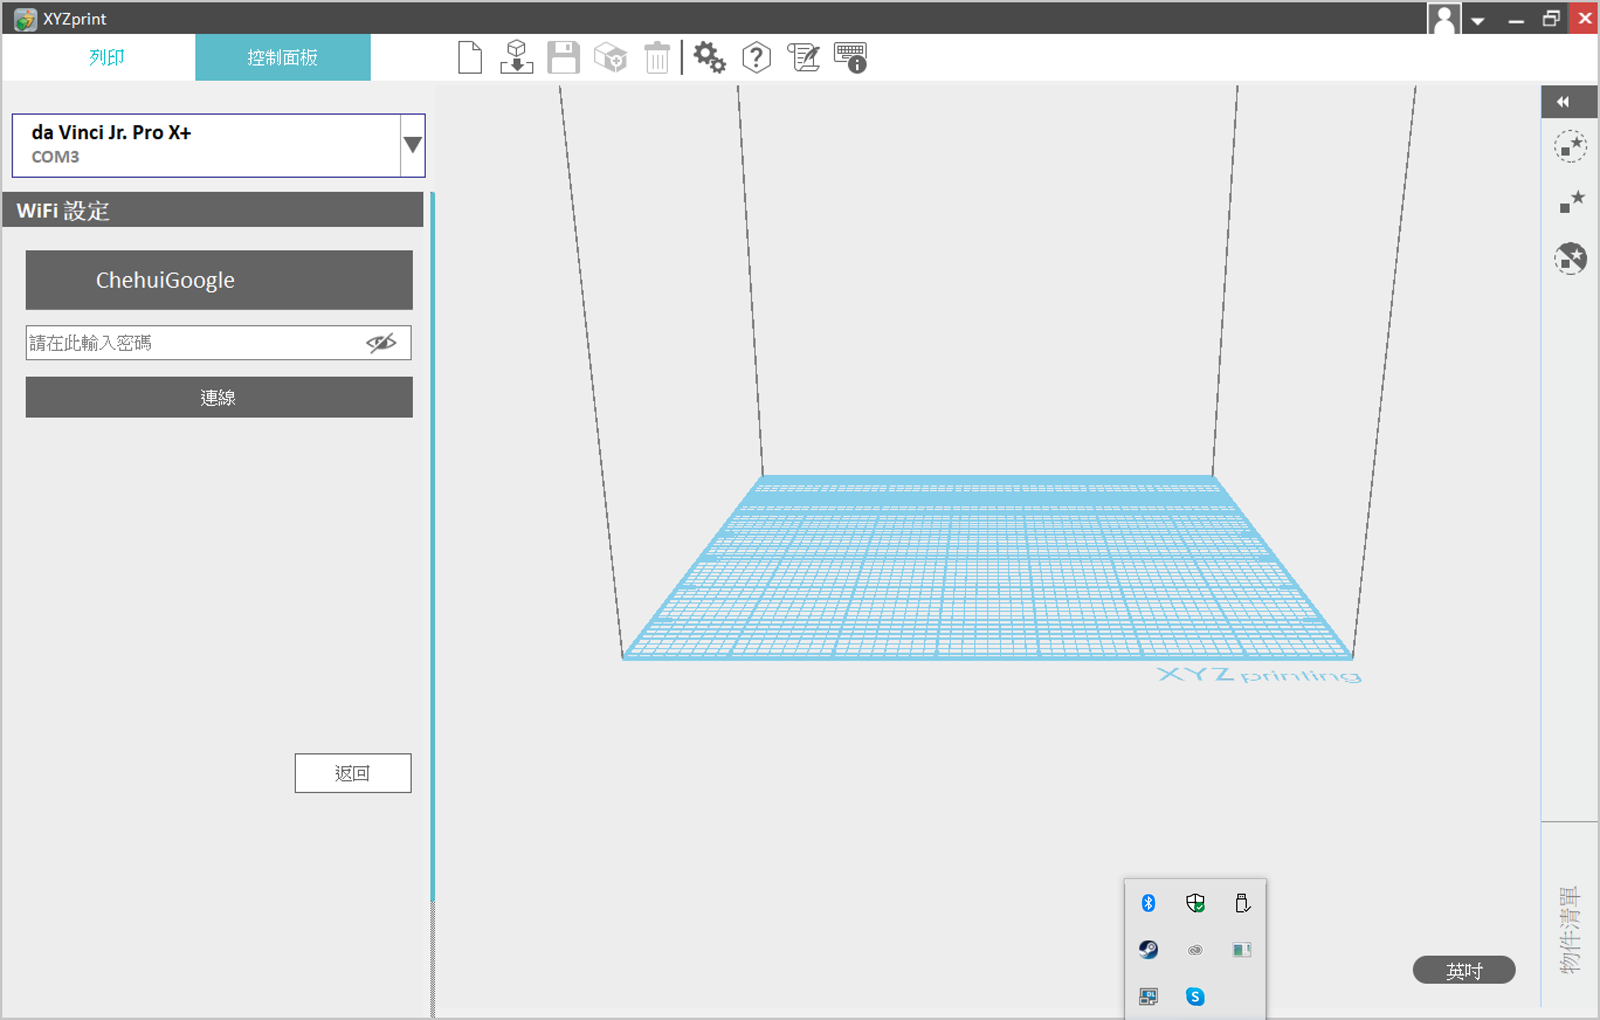 多功能3D列印機-da Vinci Jr. Pro X+,支援使用Wi-Fi無線列印功能